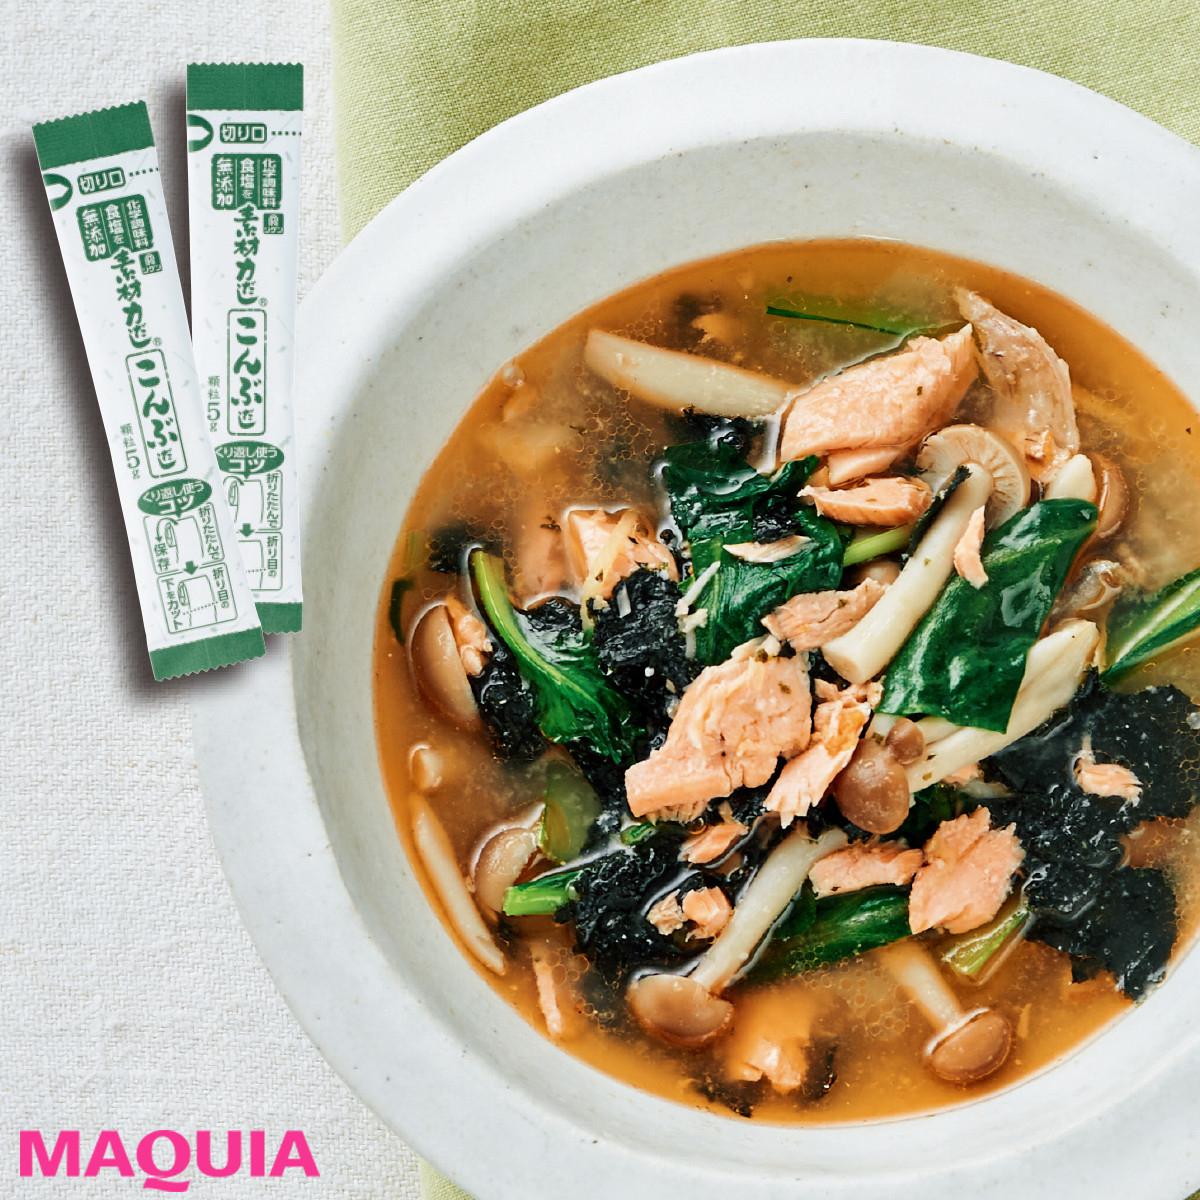 血糖値が上がりにくい! 昆布だしの素でつくる簡単ダイエットスープ5選